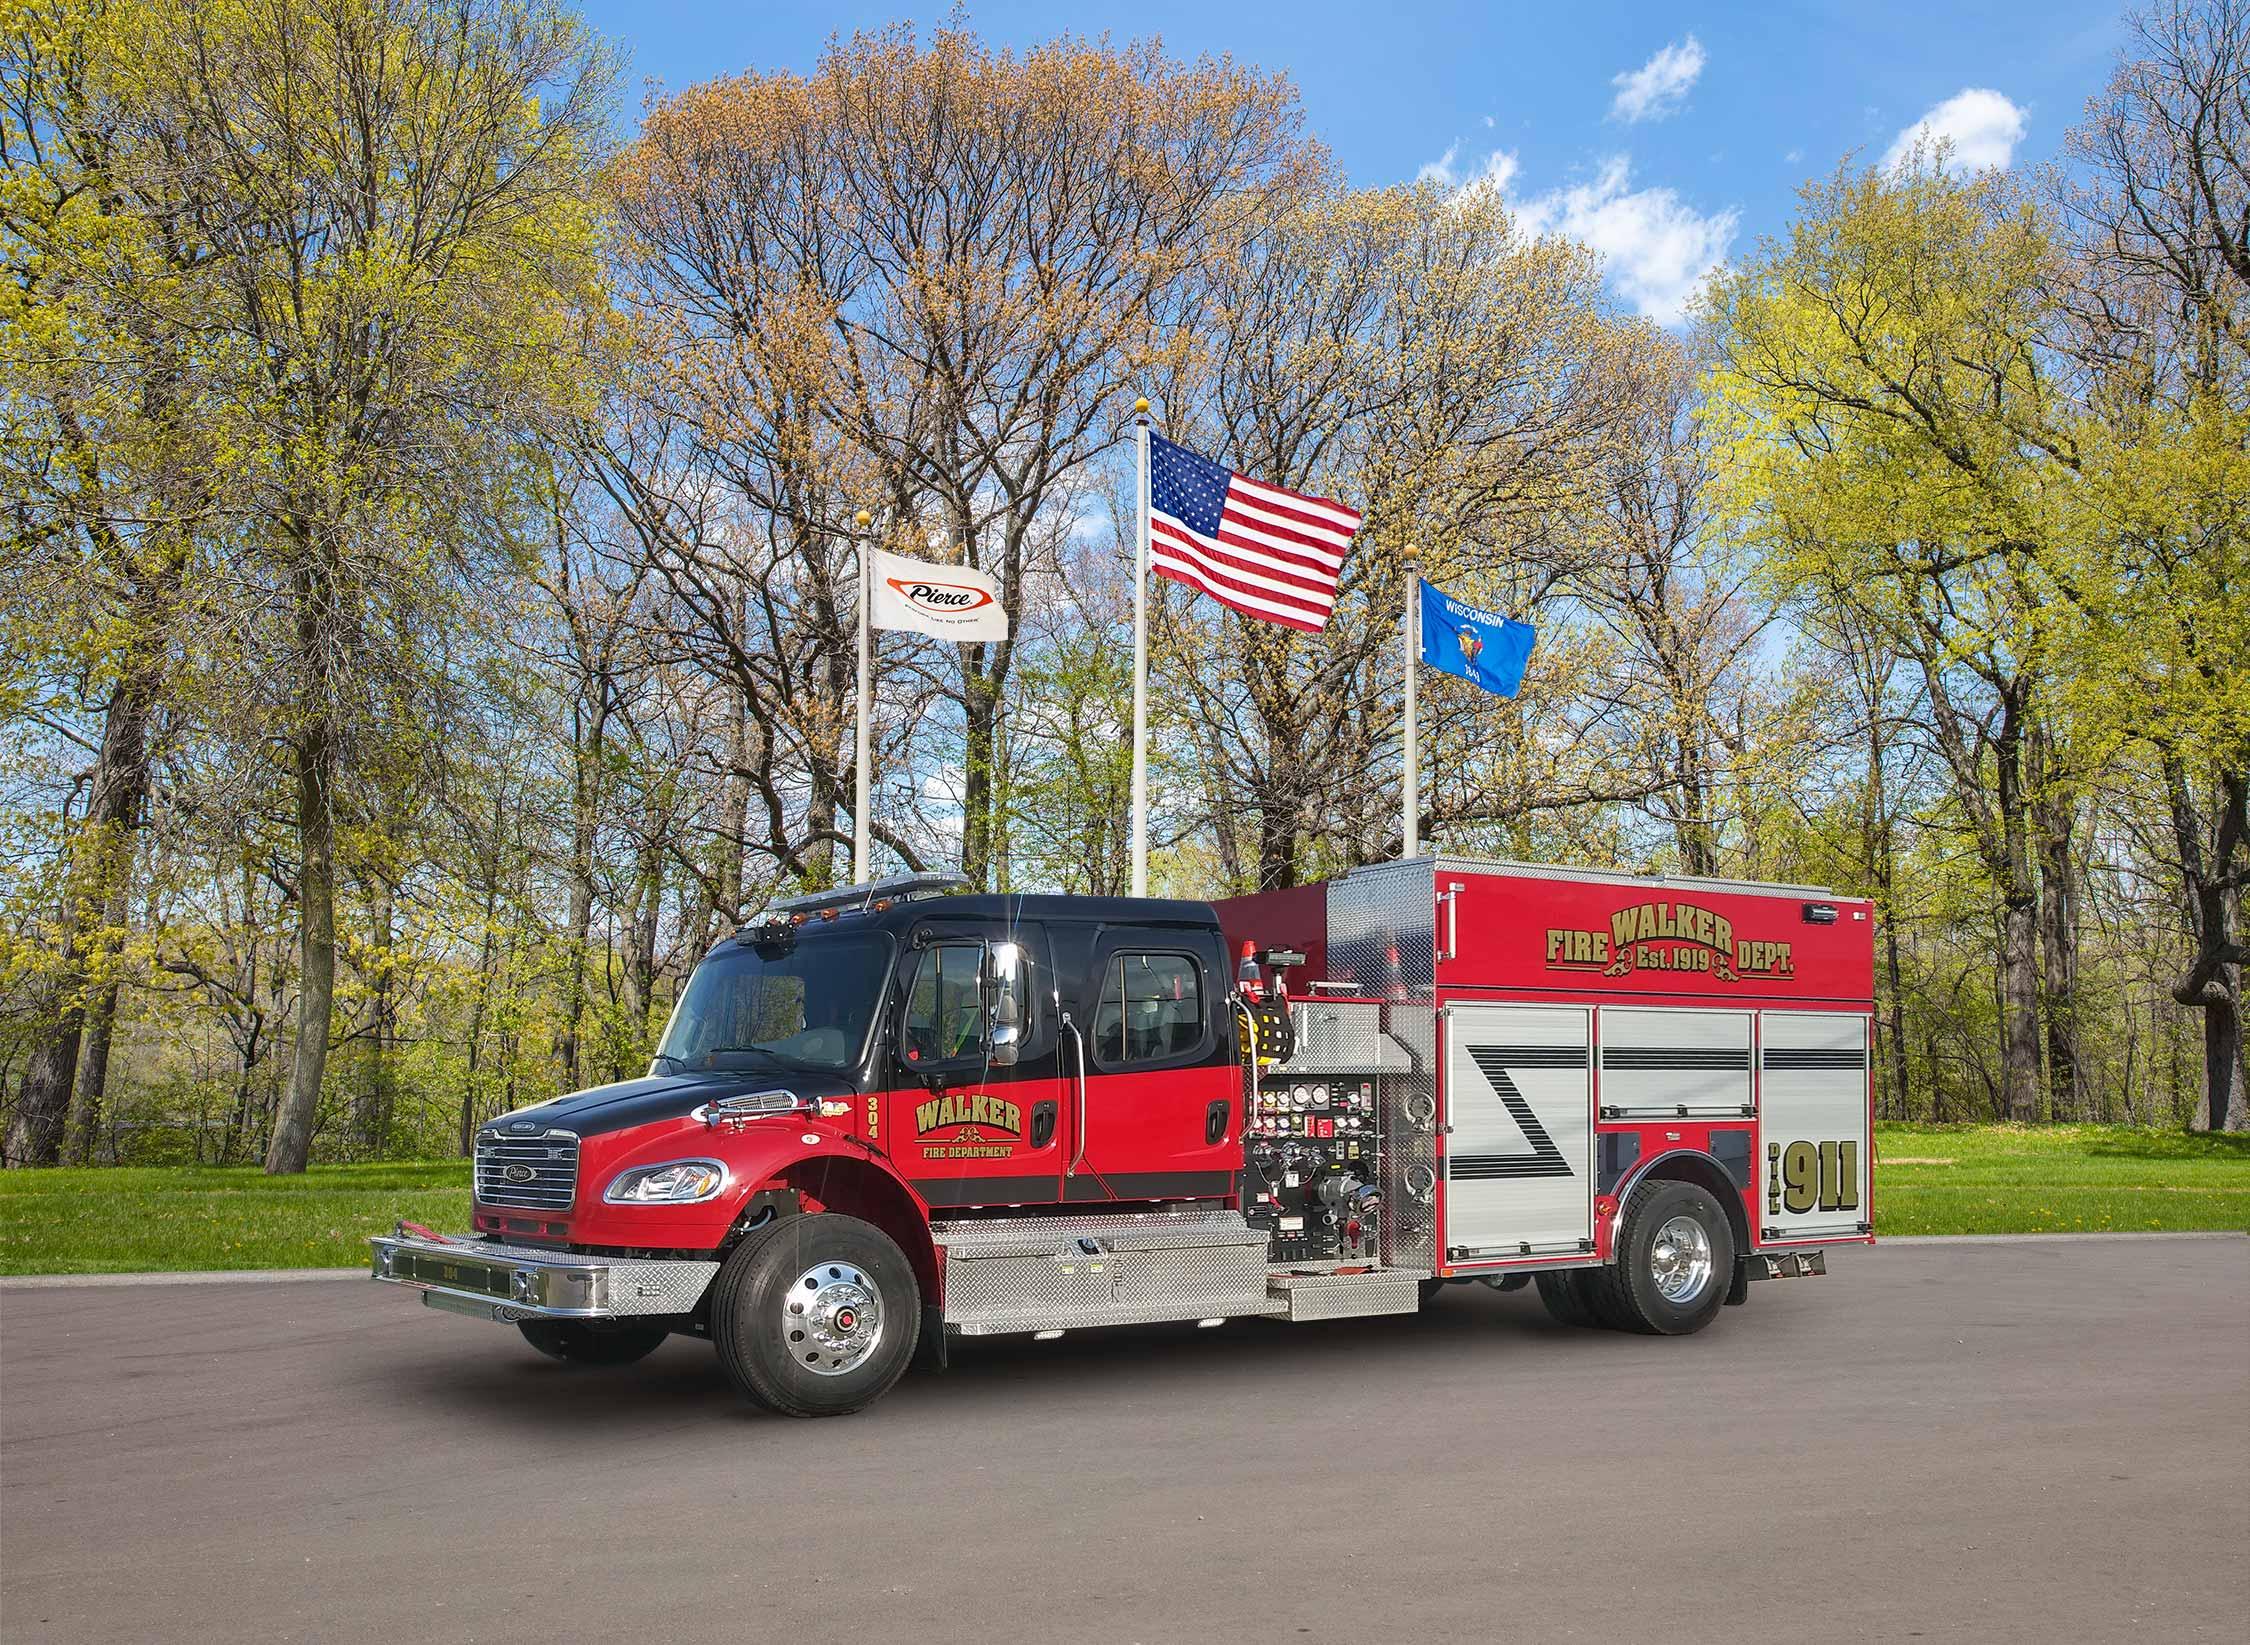 Walker Fire Department - Pumper